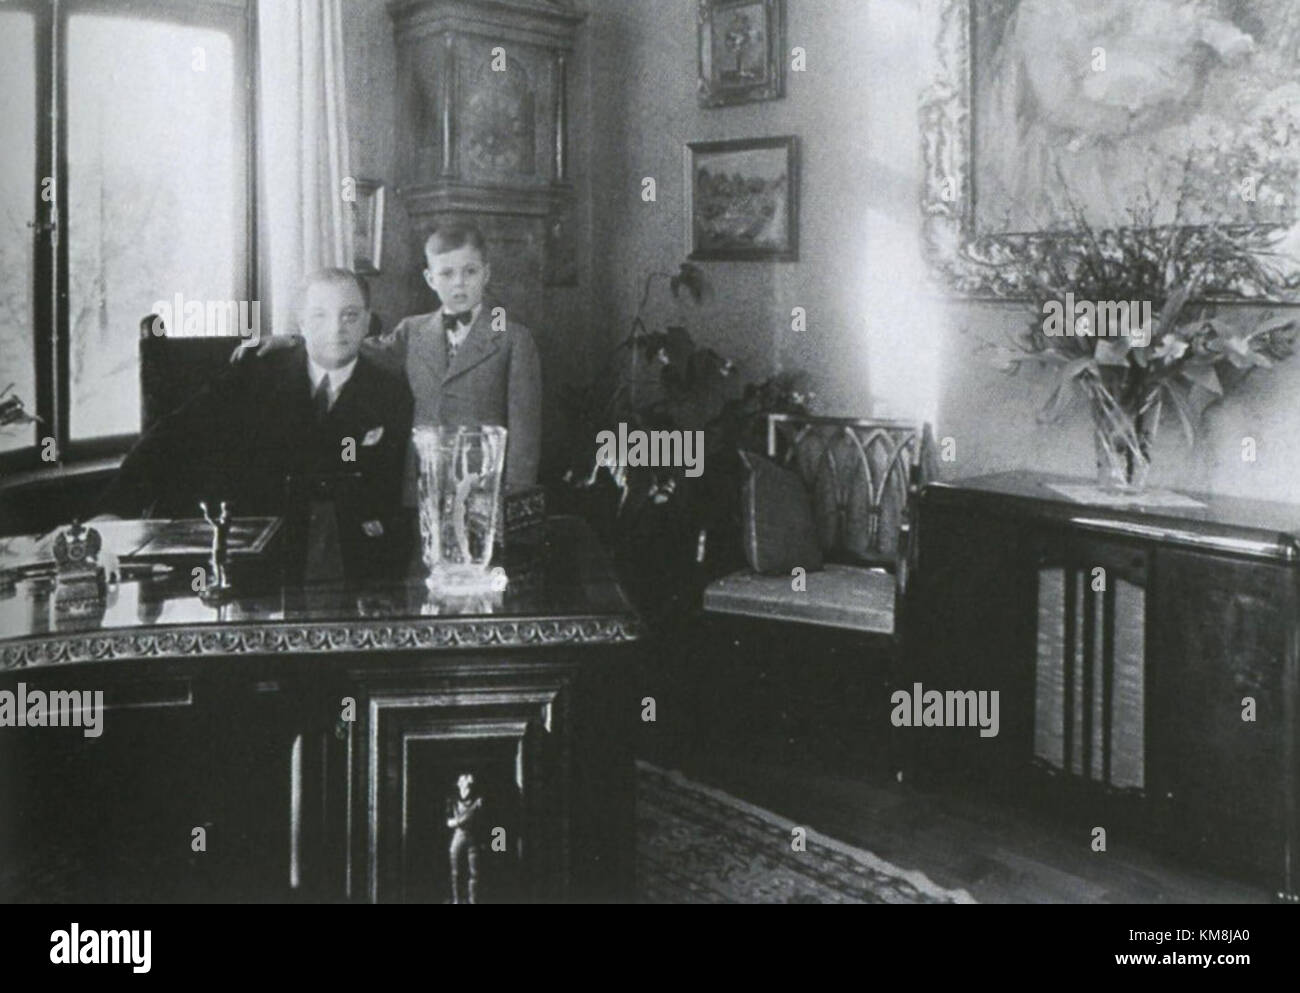 Gylling 1940 Stock Photo